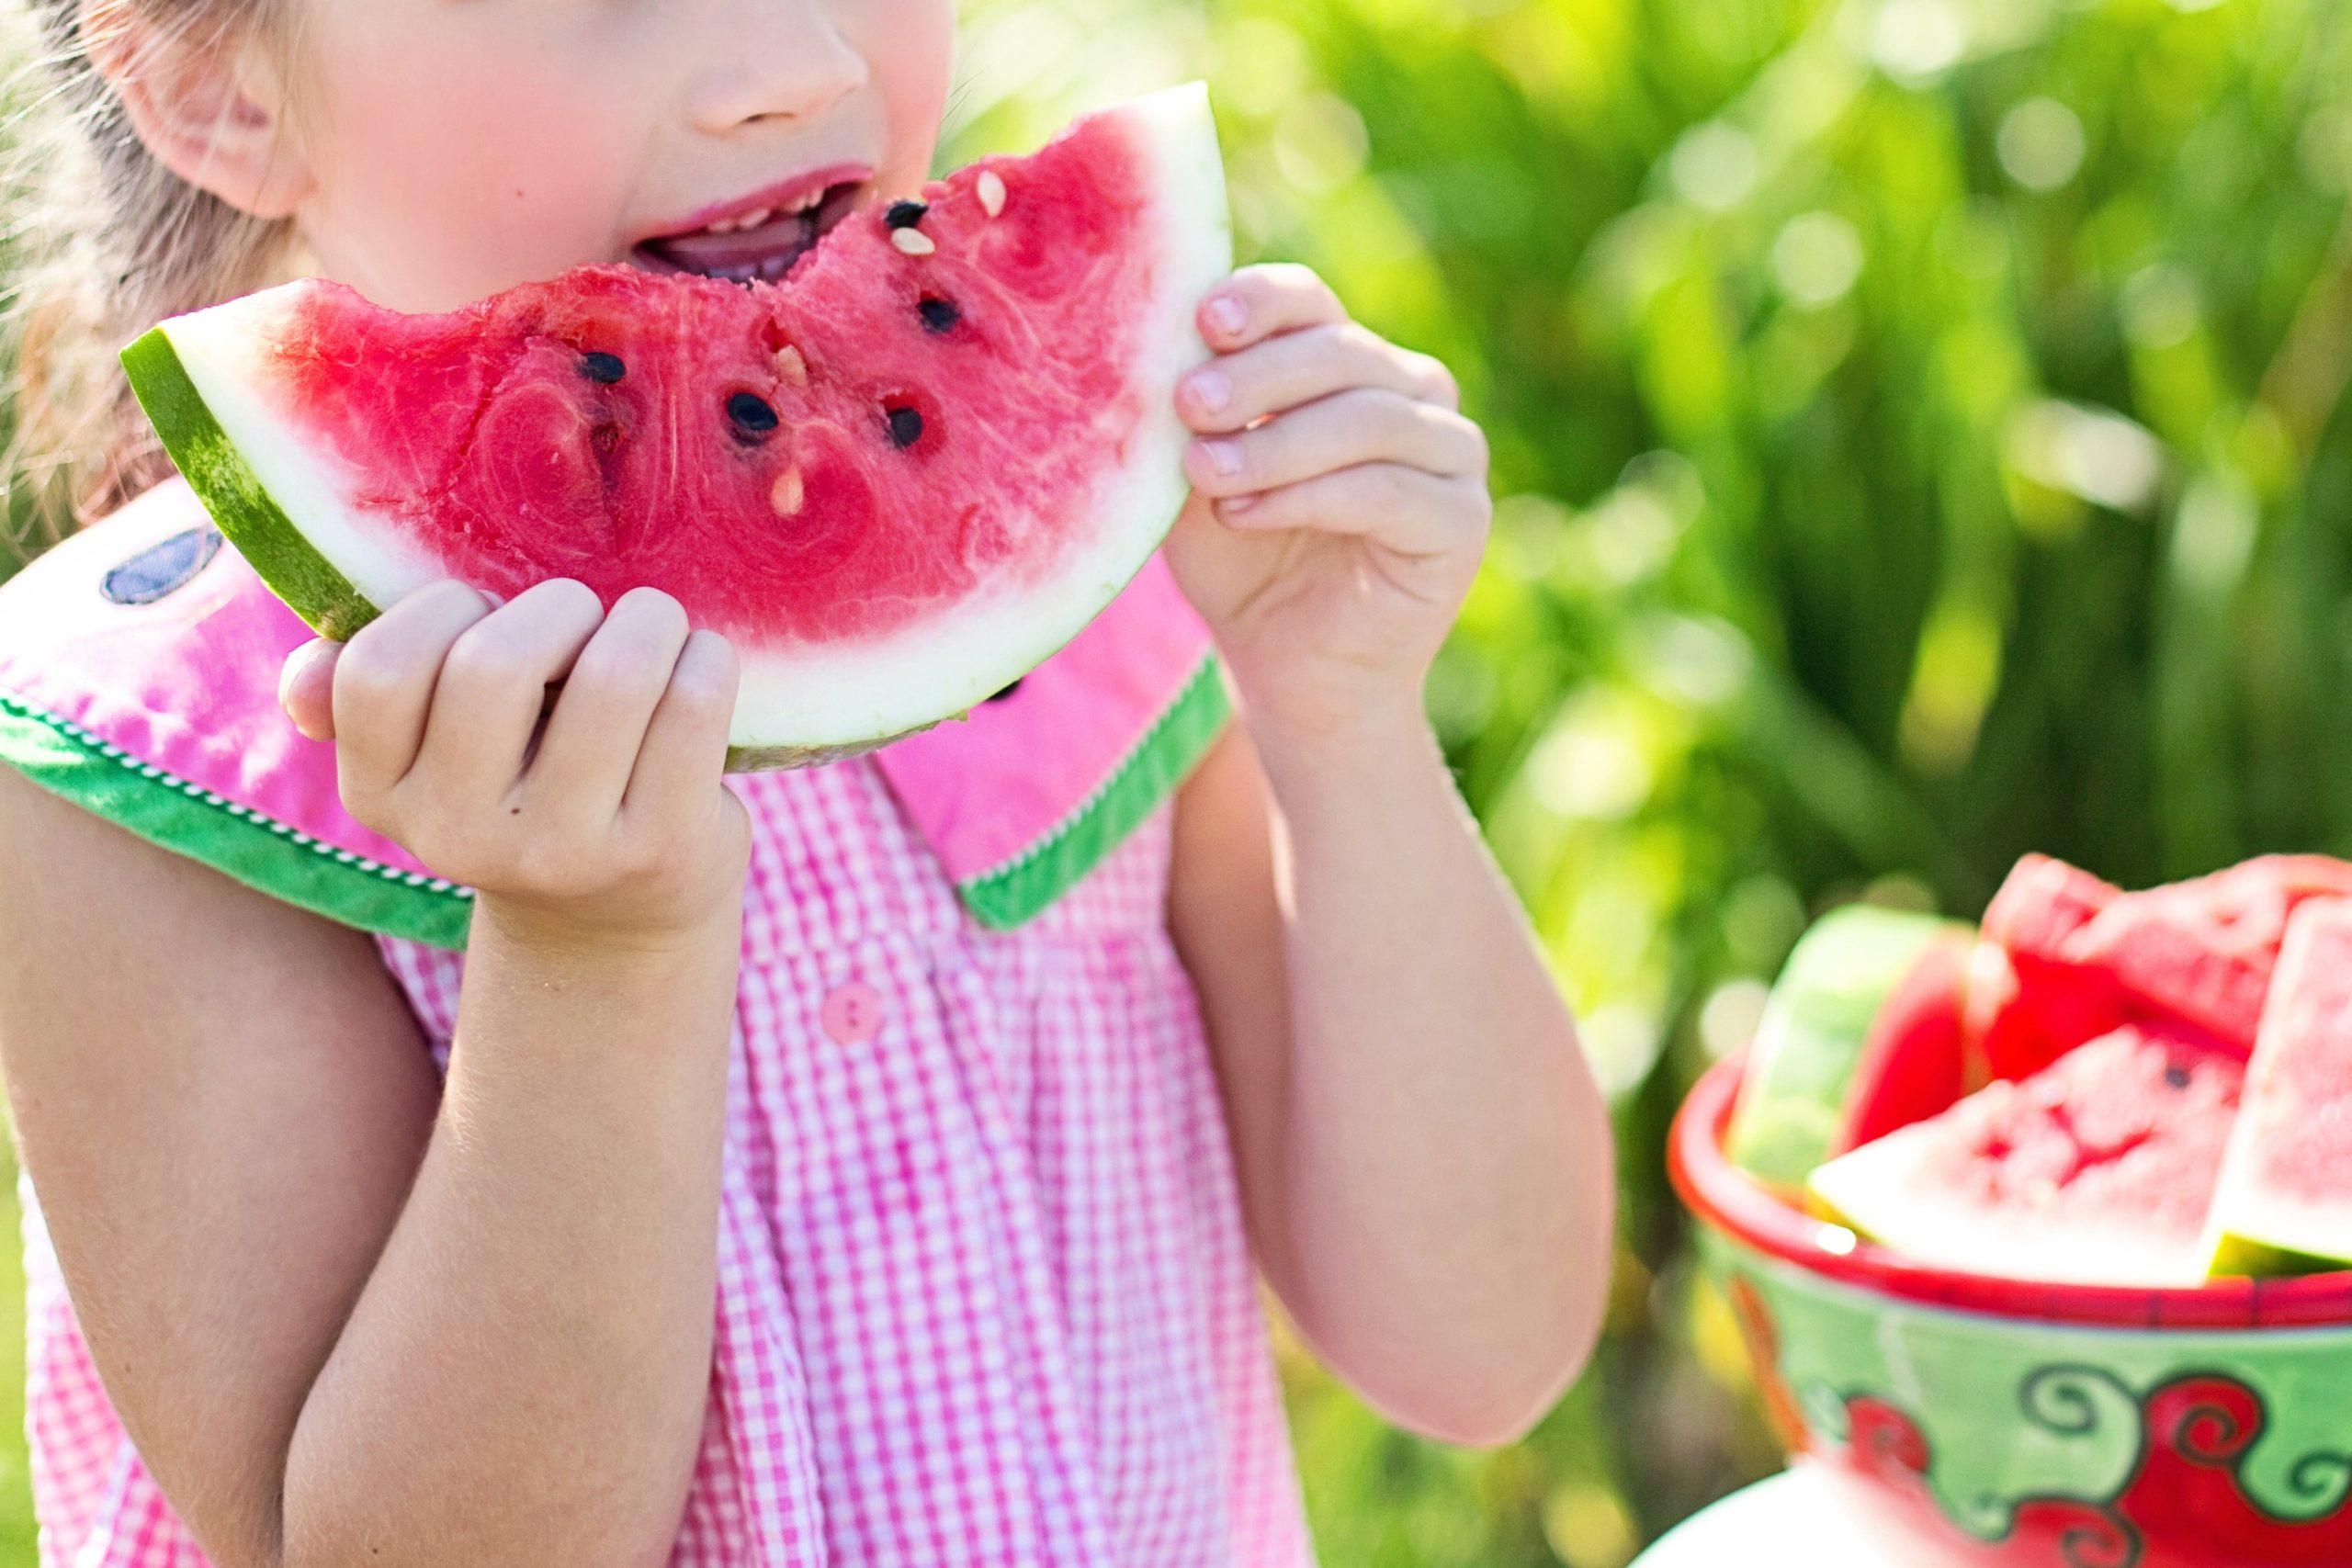 Maria MONTESSORI a mis l'accent dès le plus jeune âge sur le développement des 5 sens dont le goût.